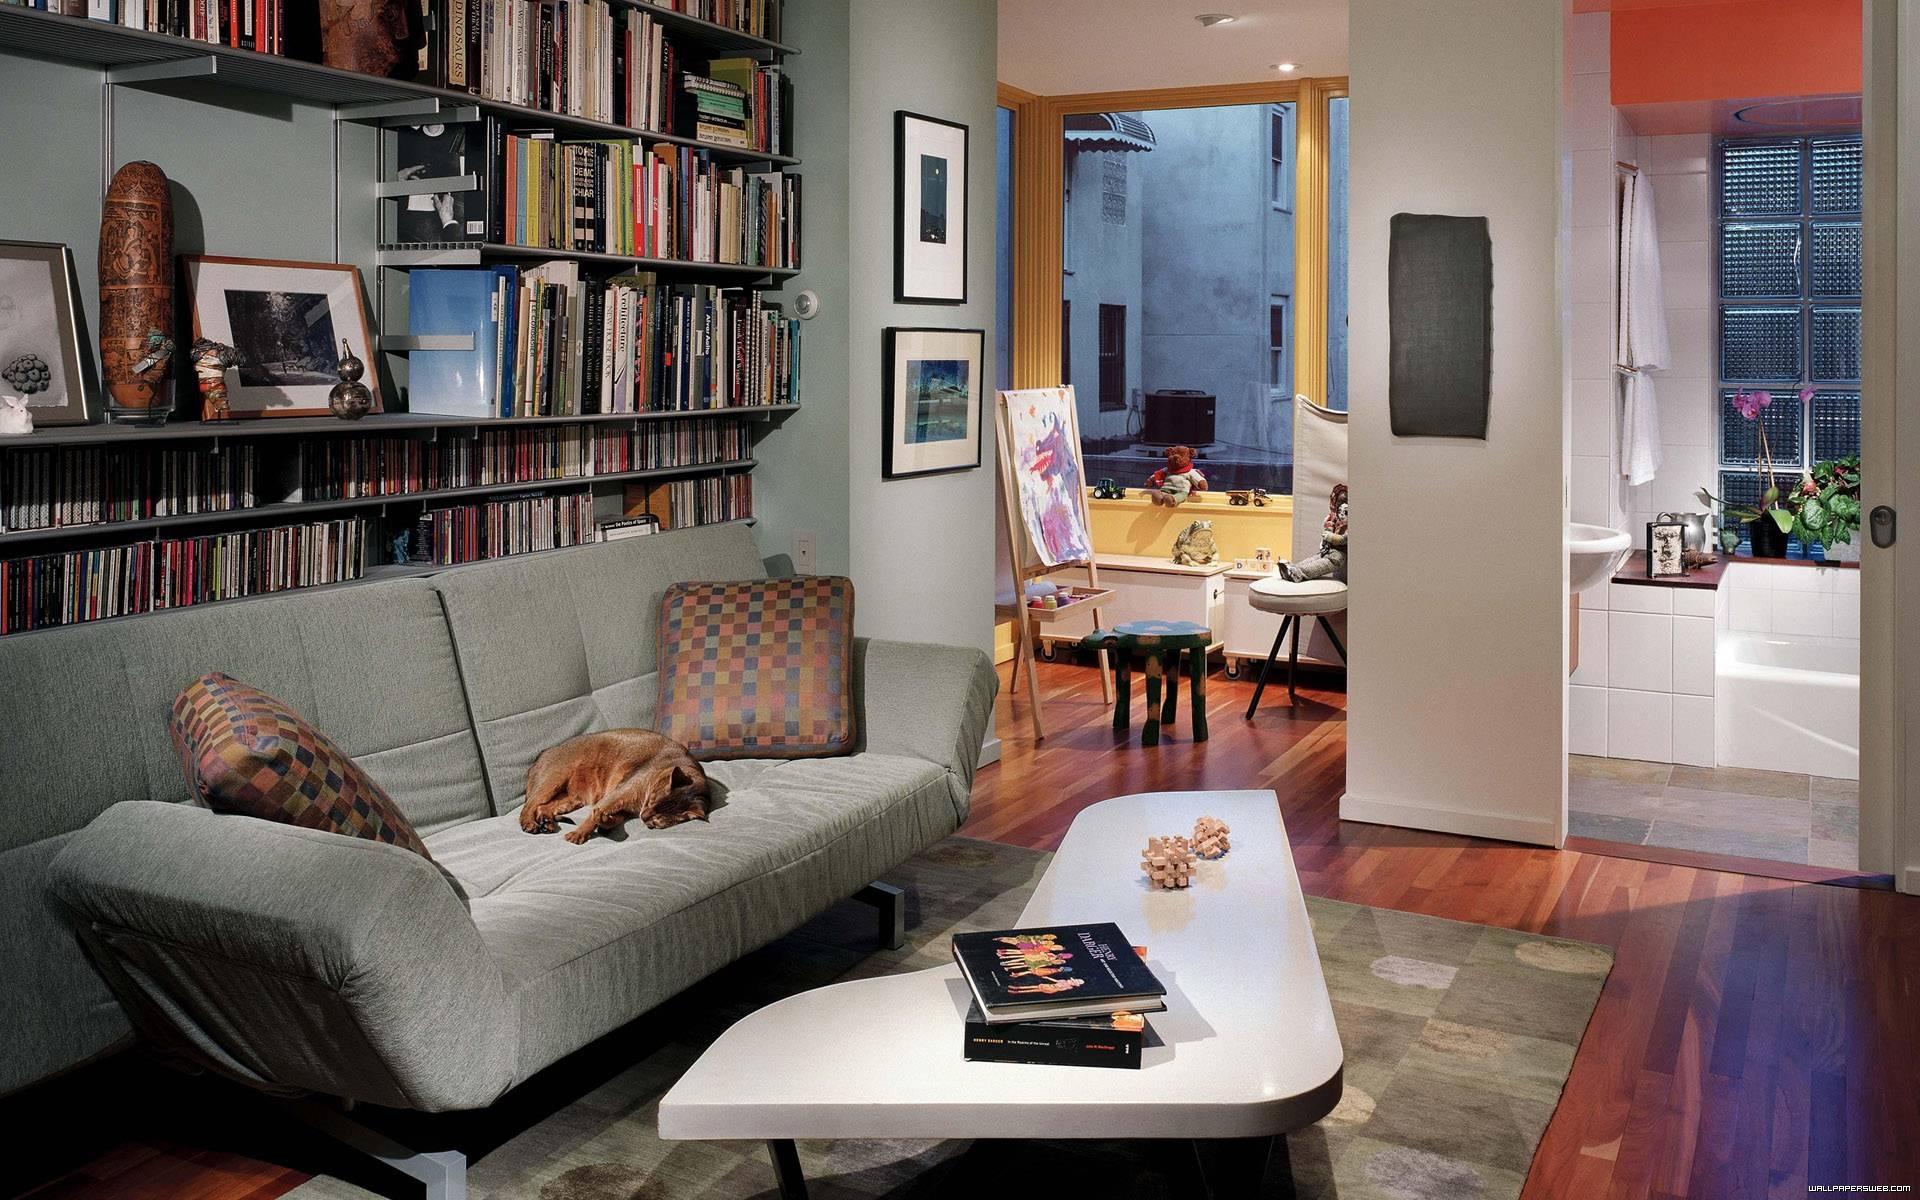 Professional Interior Decorator interior decorators vs. professional organizers |